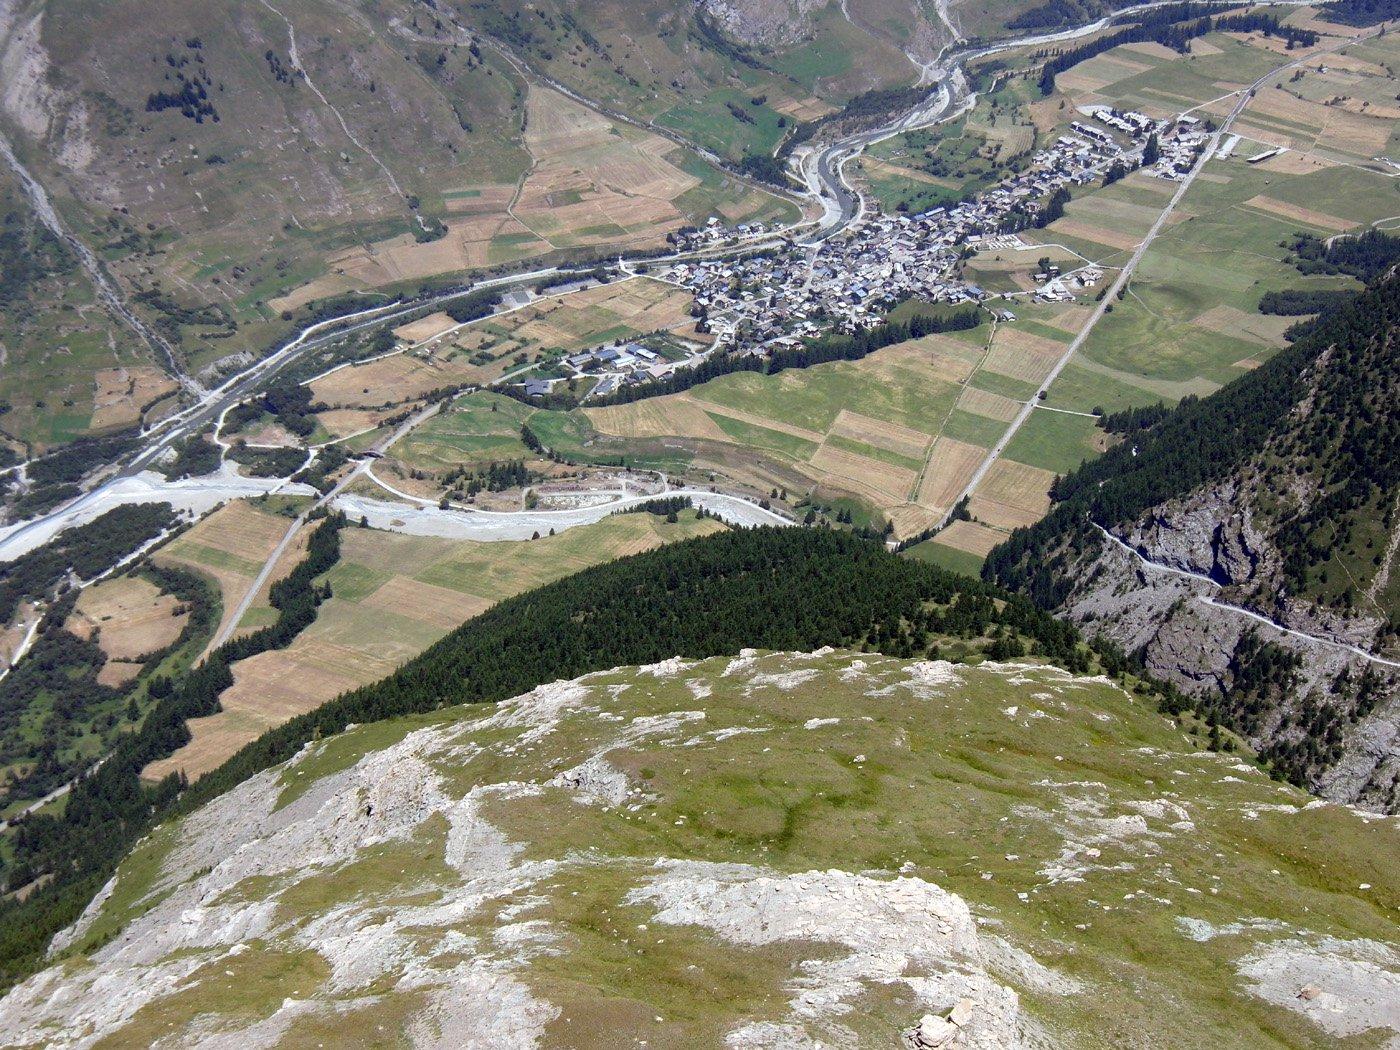 Vista aerea dalla vetta